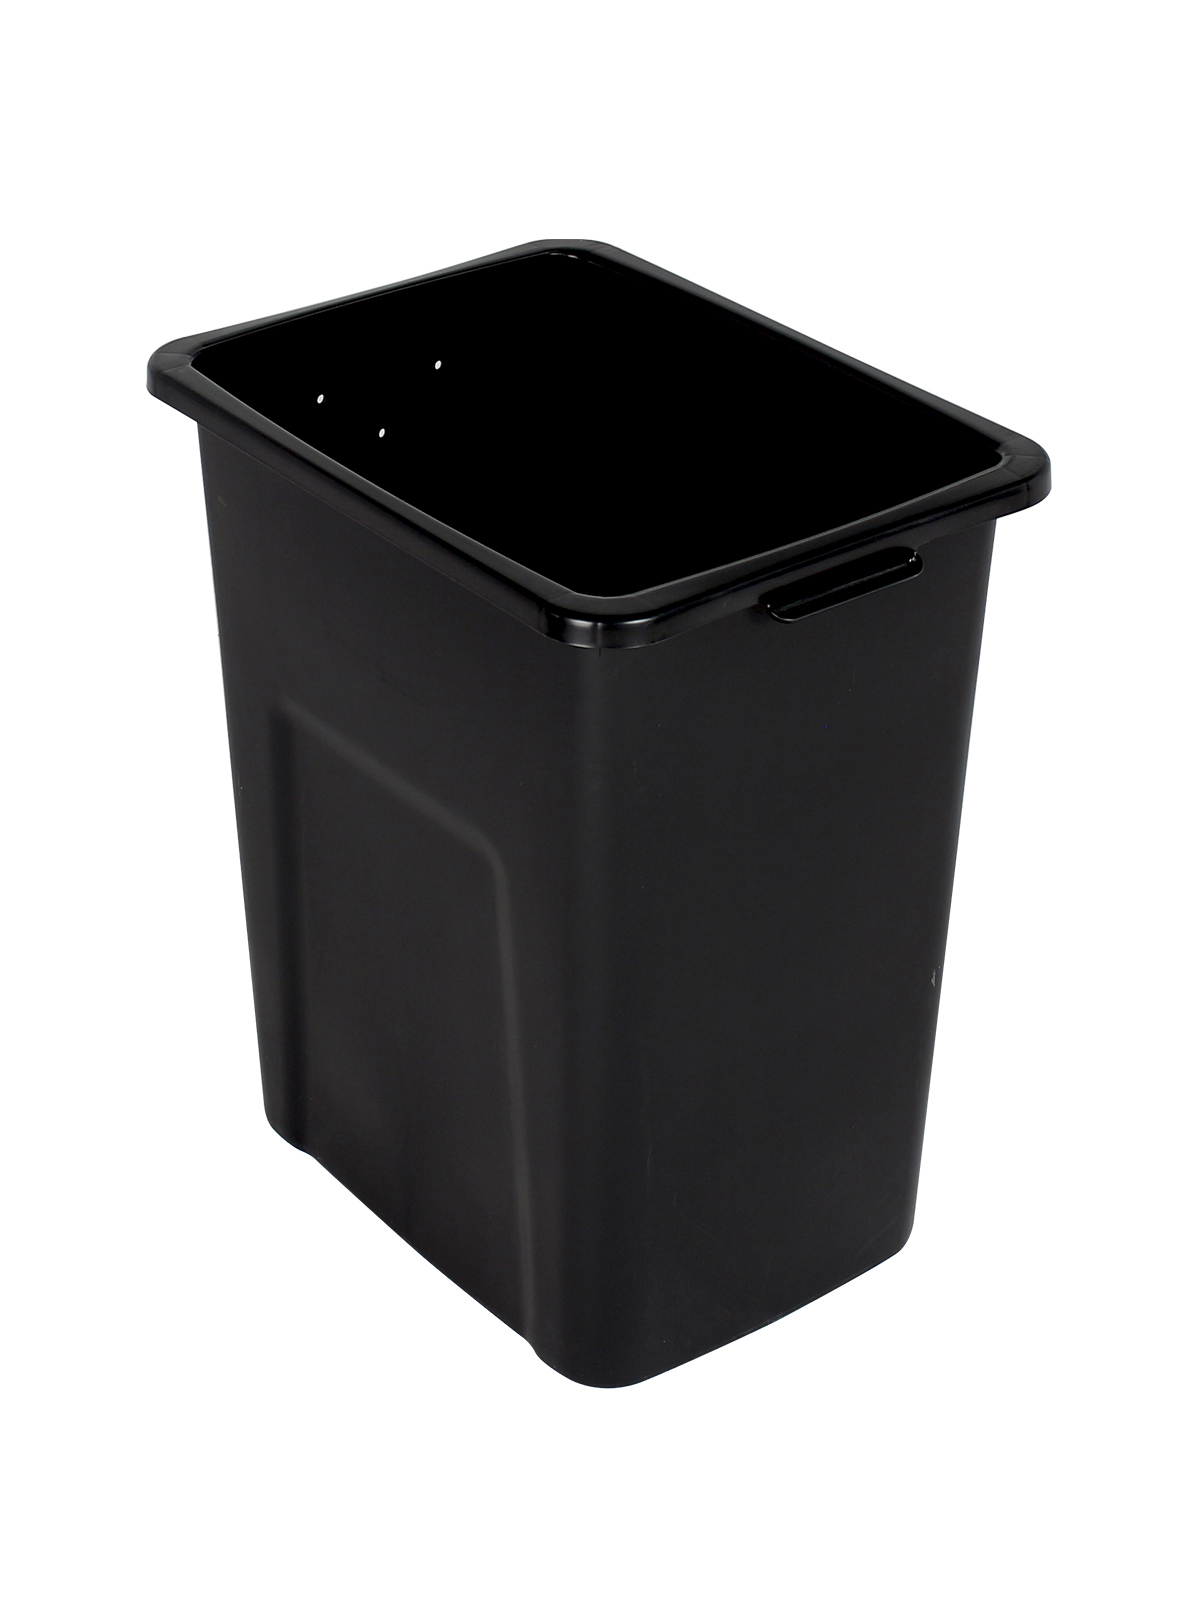 WASTE WATCHER XL - Body - 24 - Black